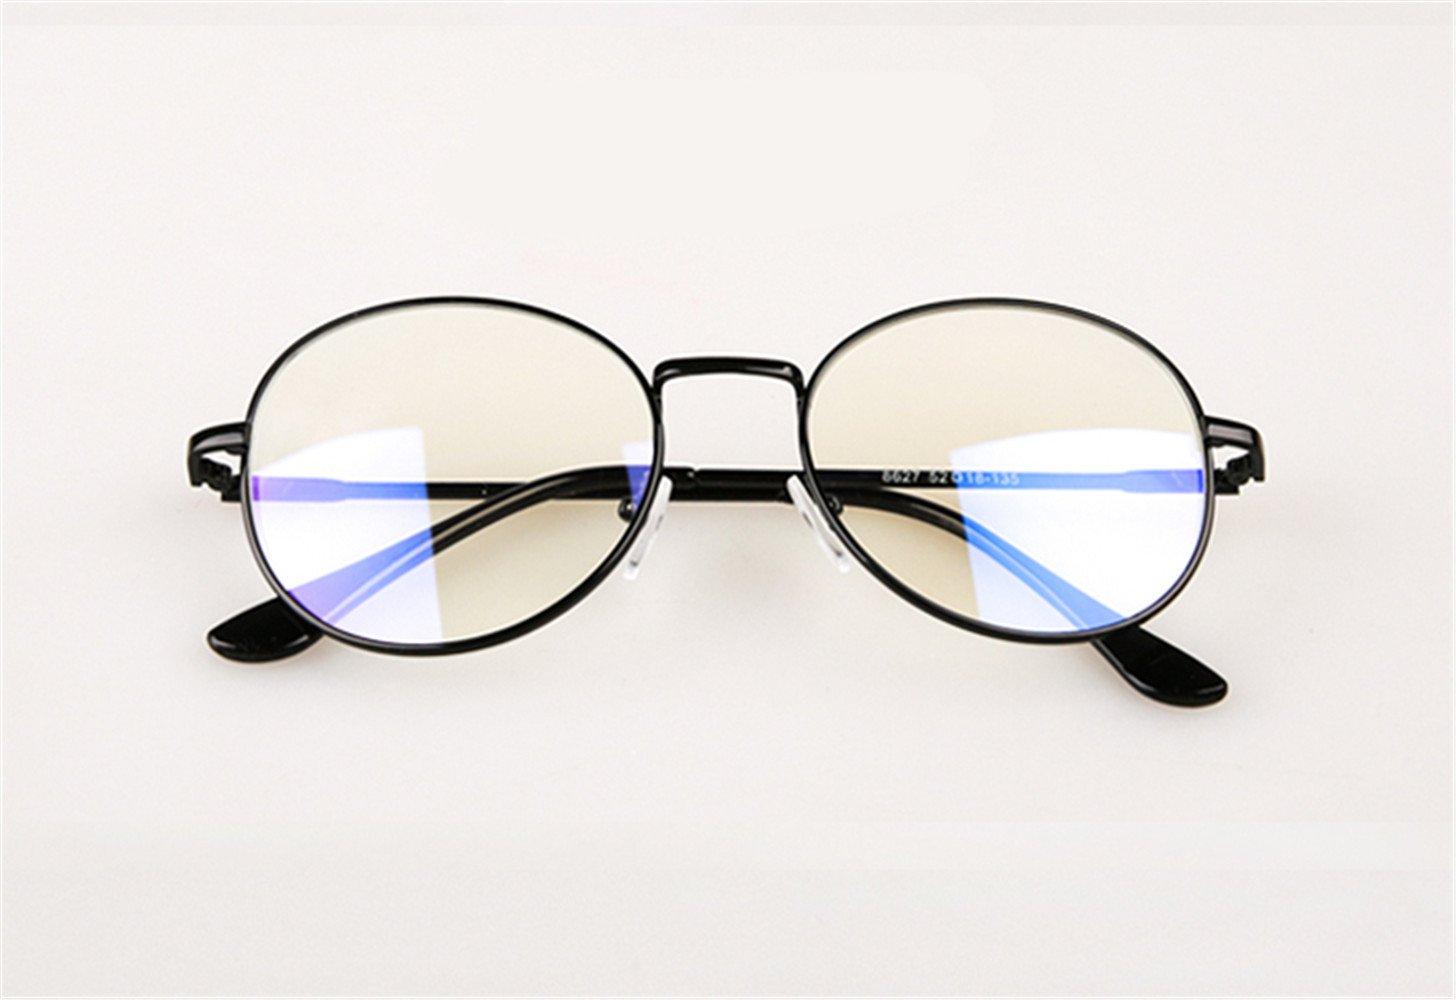 SMX Gafas Neutras para/Eliminan la Fatiga y la Irritación Visual/Gafas Anti LUZ Azul y UV para Pantalla/Filtro luz Azul de Descanso para pcGafas ...